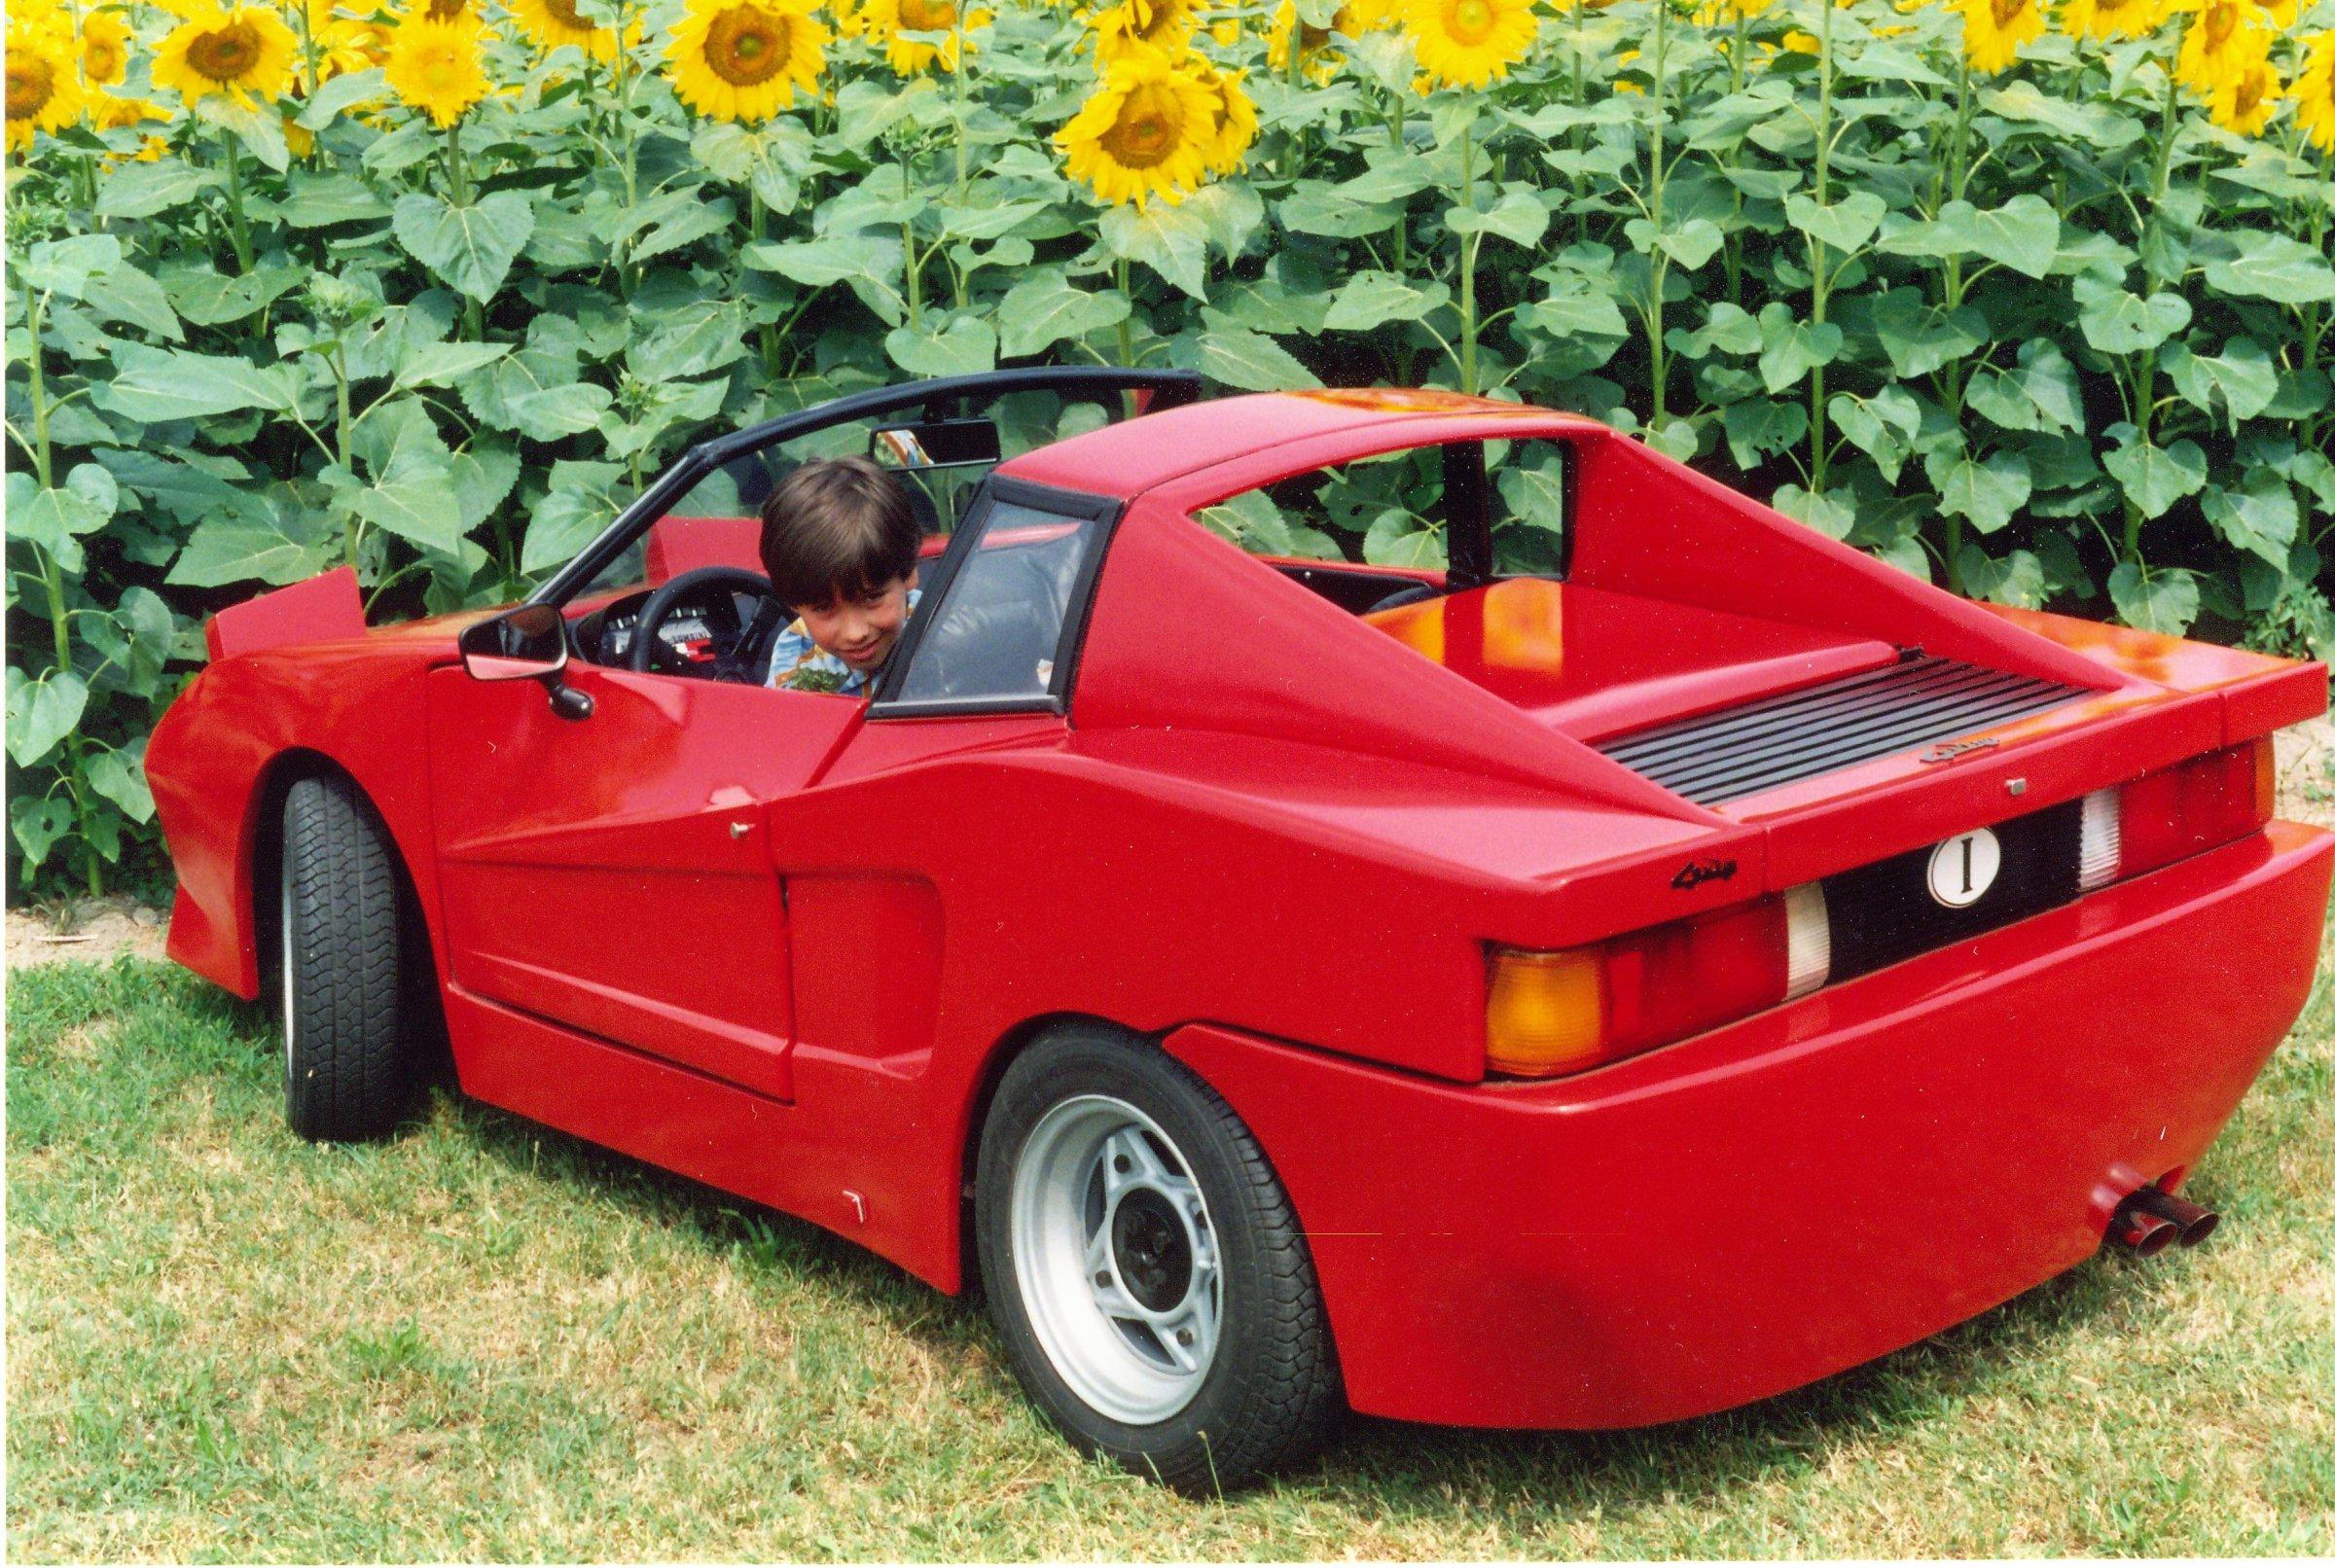 Letto Bimbo Auto Formula Comodino Auto Lettino Bimbo Rosso Bianco